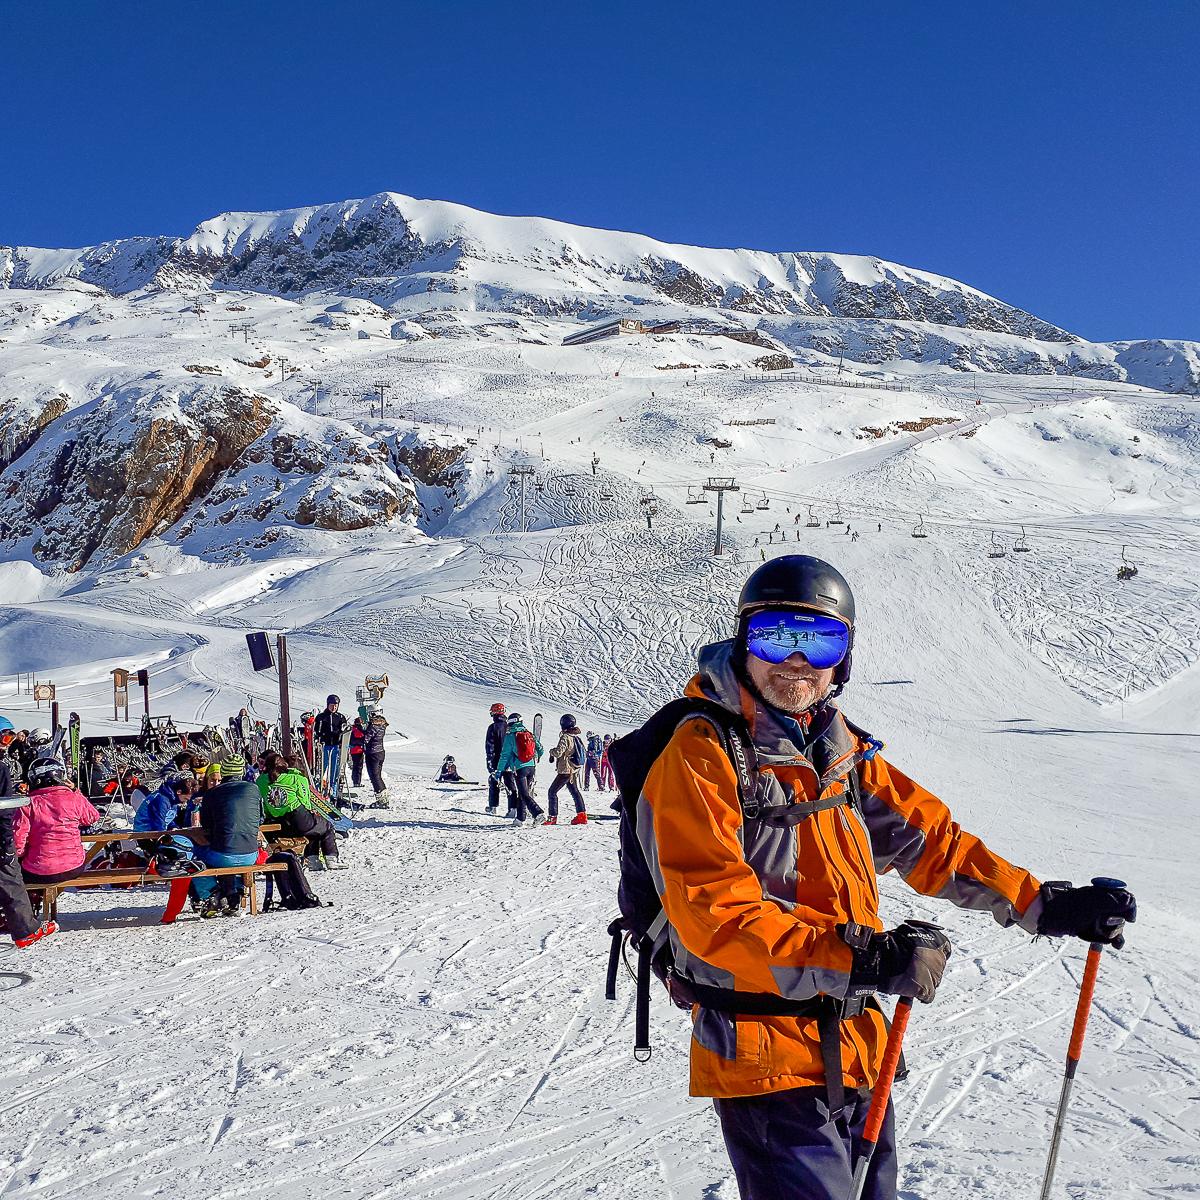 ski resort opening dates